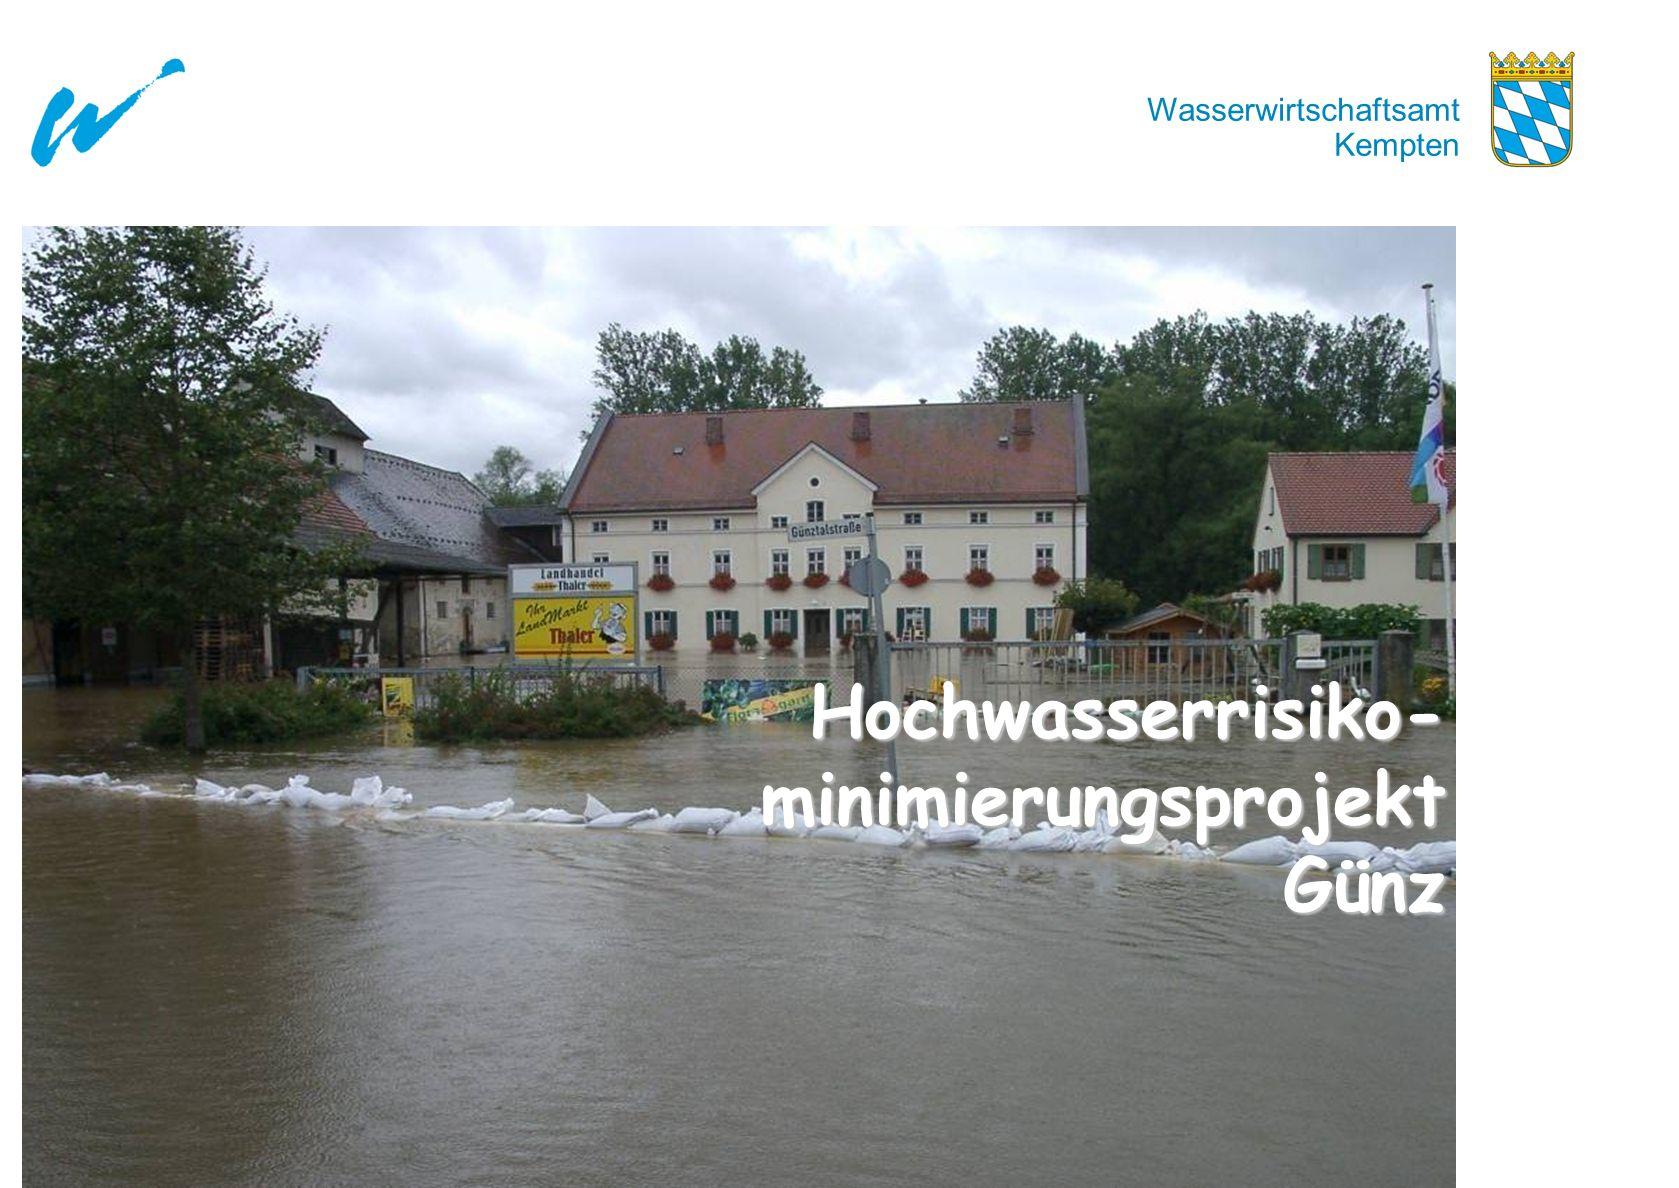 Hochwasserrisikominimierungsprojekt Günz Wasserwirtschaftsamt Kempten Wirkung Babenhausen: Abflussreduktion auf 73 m³/s .